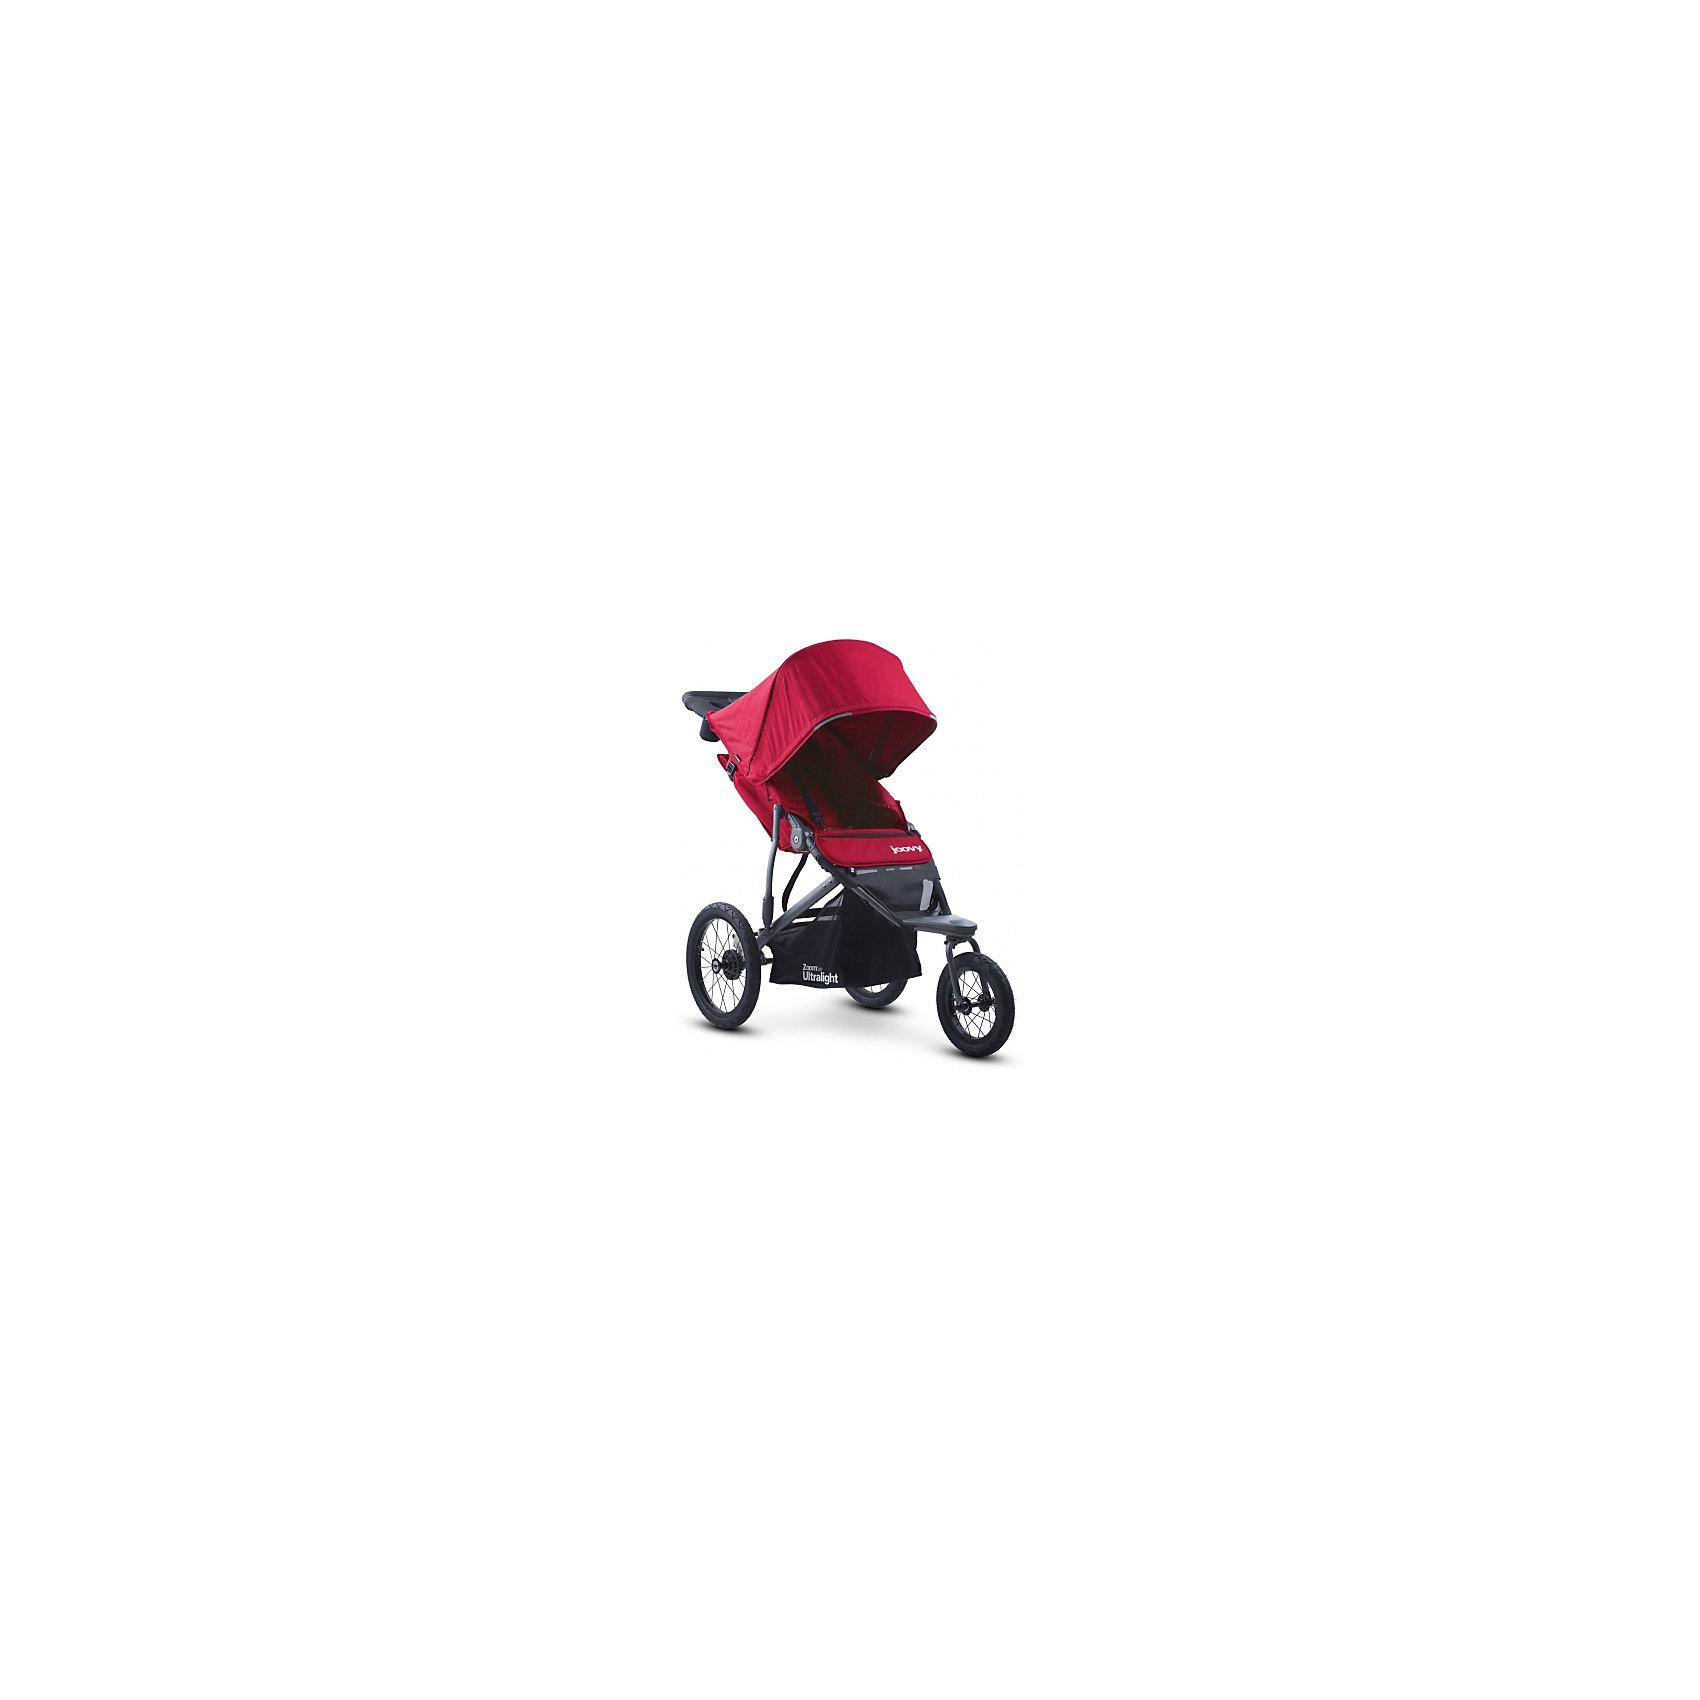 Прогулочная коляска Joovy Zoom 360 Ultralight, красныйПрогулочные коляски<br>Коляска Zoom 360  Ultralight красная<br><br>Ширина мм: 860<br>Глубина мм: 635<br>Высота мм: 480<br>Вес г: 11500<br>Возраст от месяцев: 0<br>Возраст до месяцев: 36<br>Пол: Унисекс<br>Возраст: Детский<br>SKU: 5572078